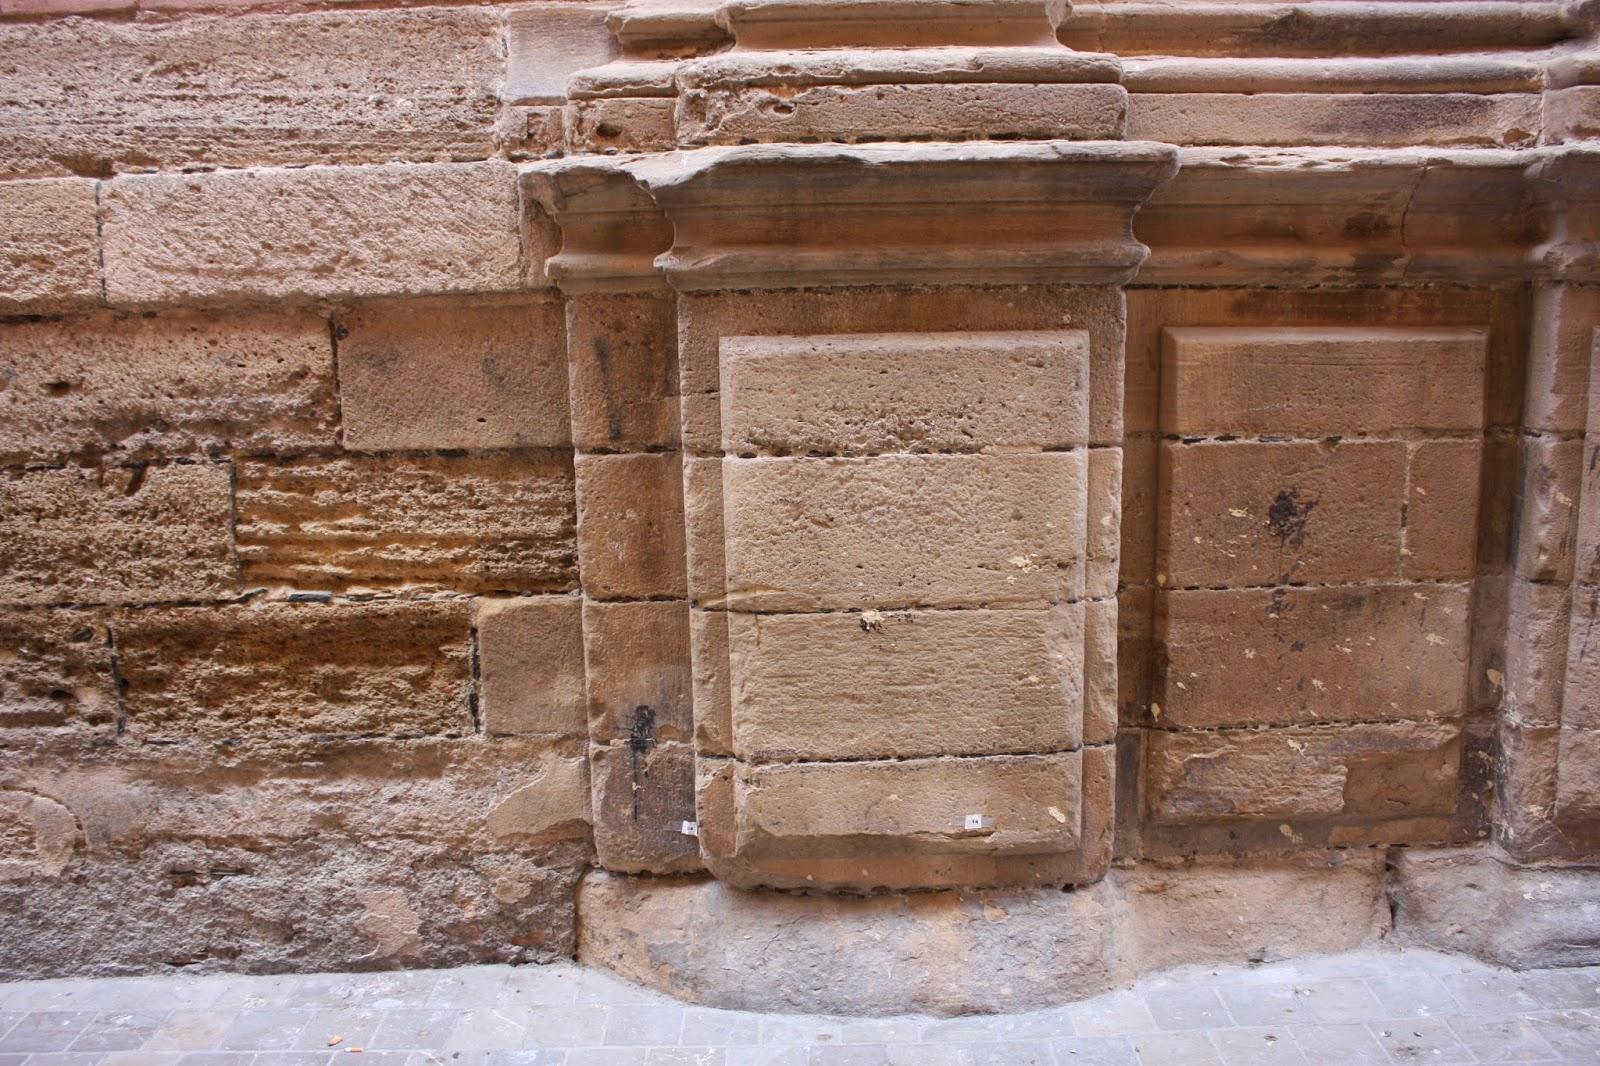 se trata de un zcalo de u metros de altura y u metros de longitud constituido por seis hiladas de sillares de piedra caliza como la catedral de